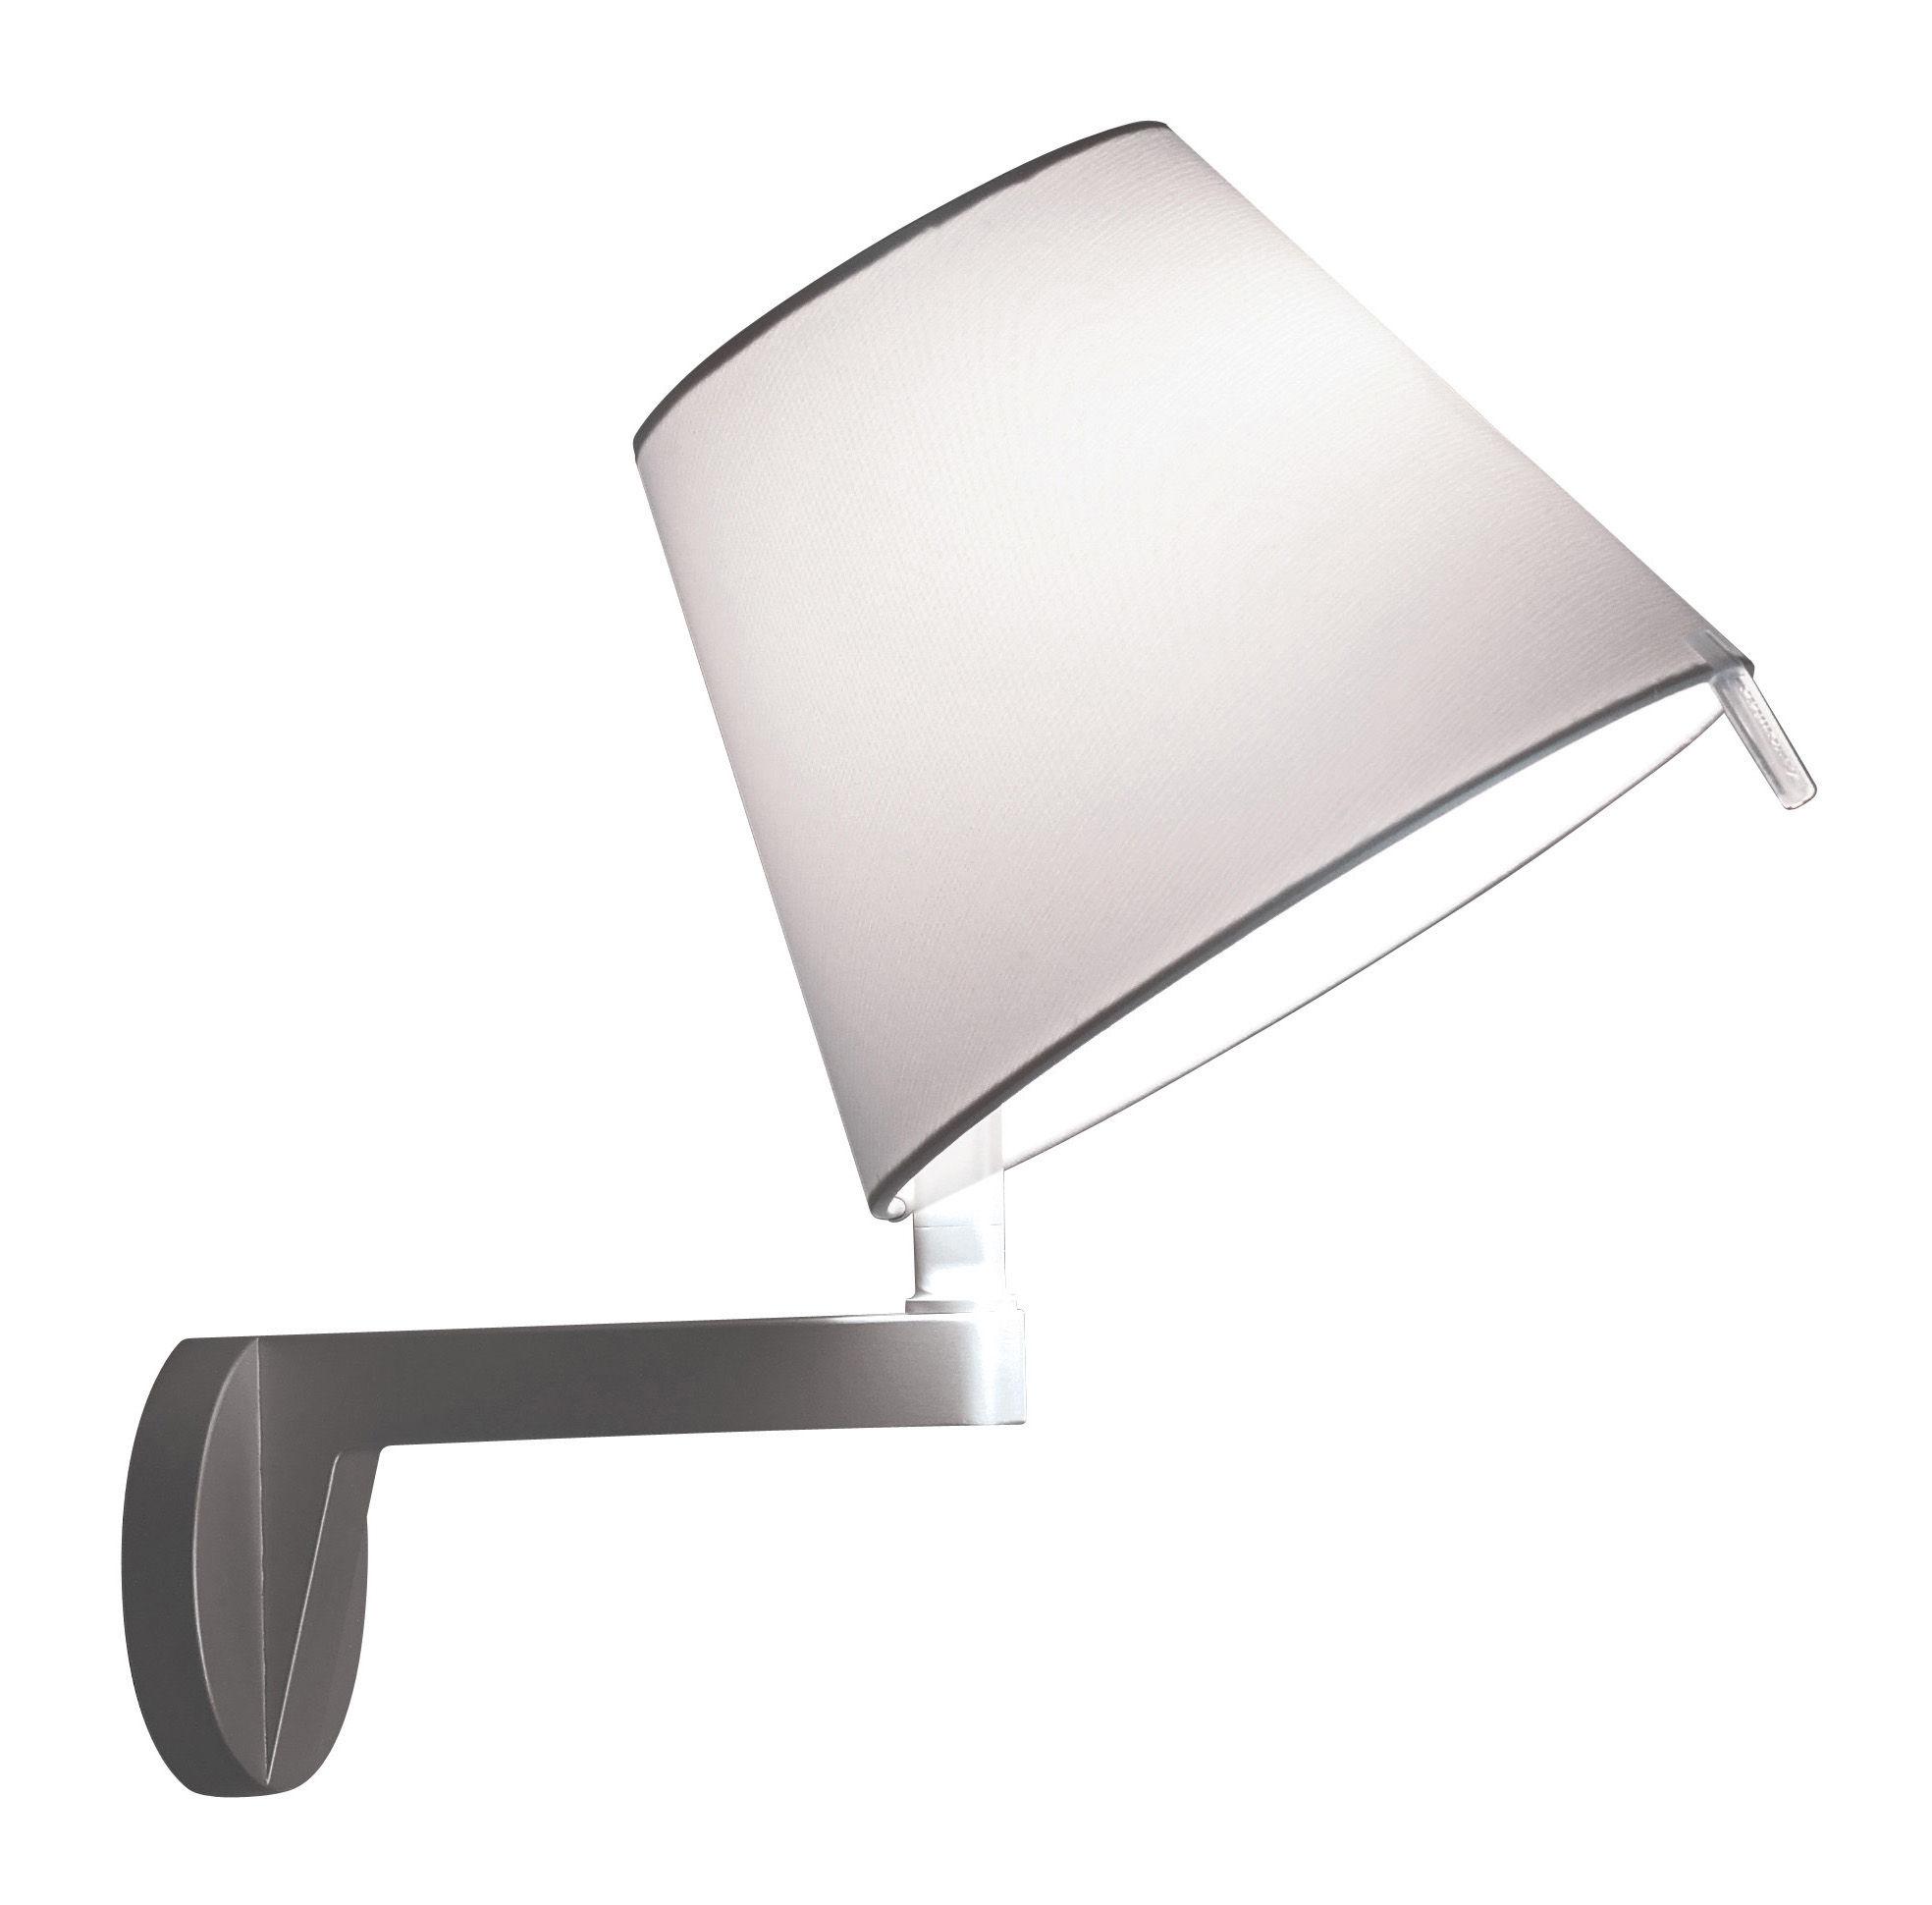 Leuchten - Wandleuchten - Melampo Wandleuchte - Artemide - Aluminium-grau - Aluminium, Gewebe